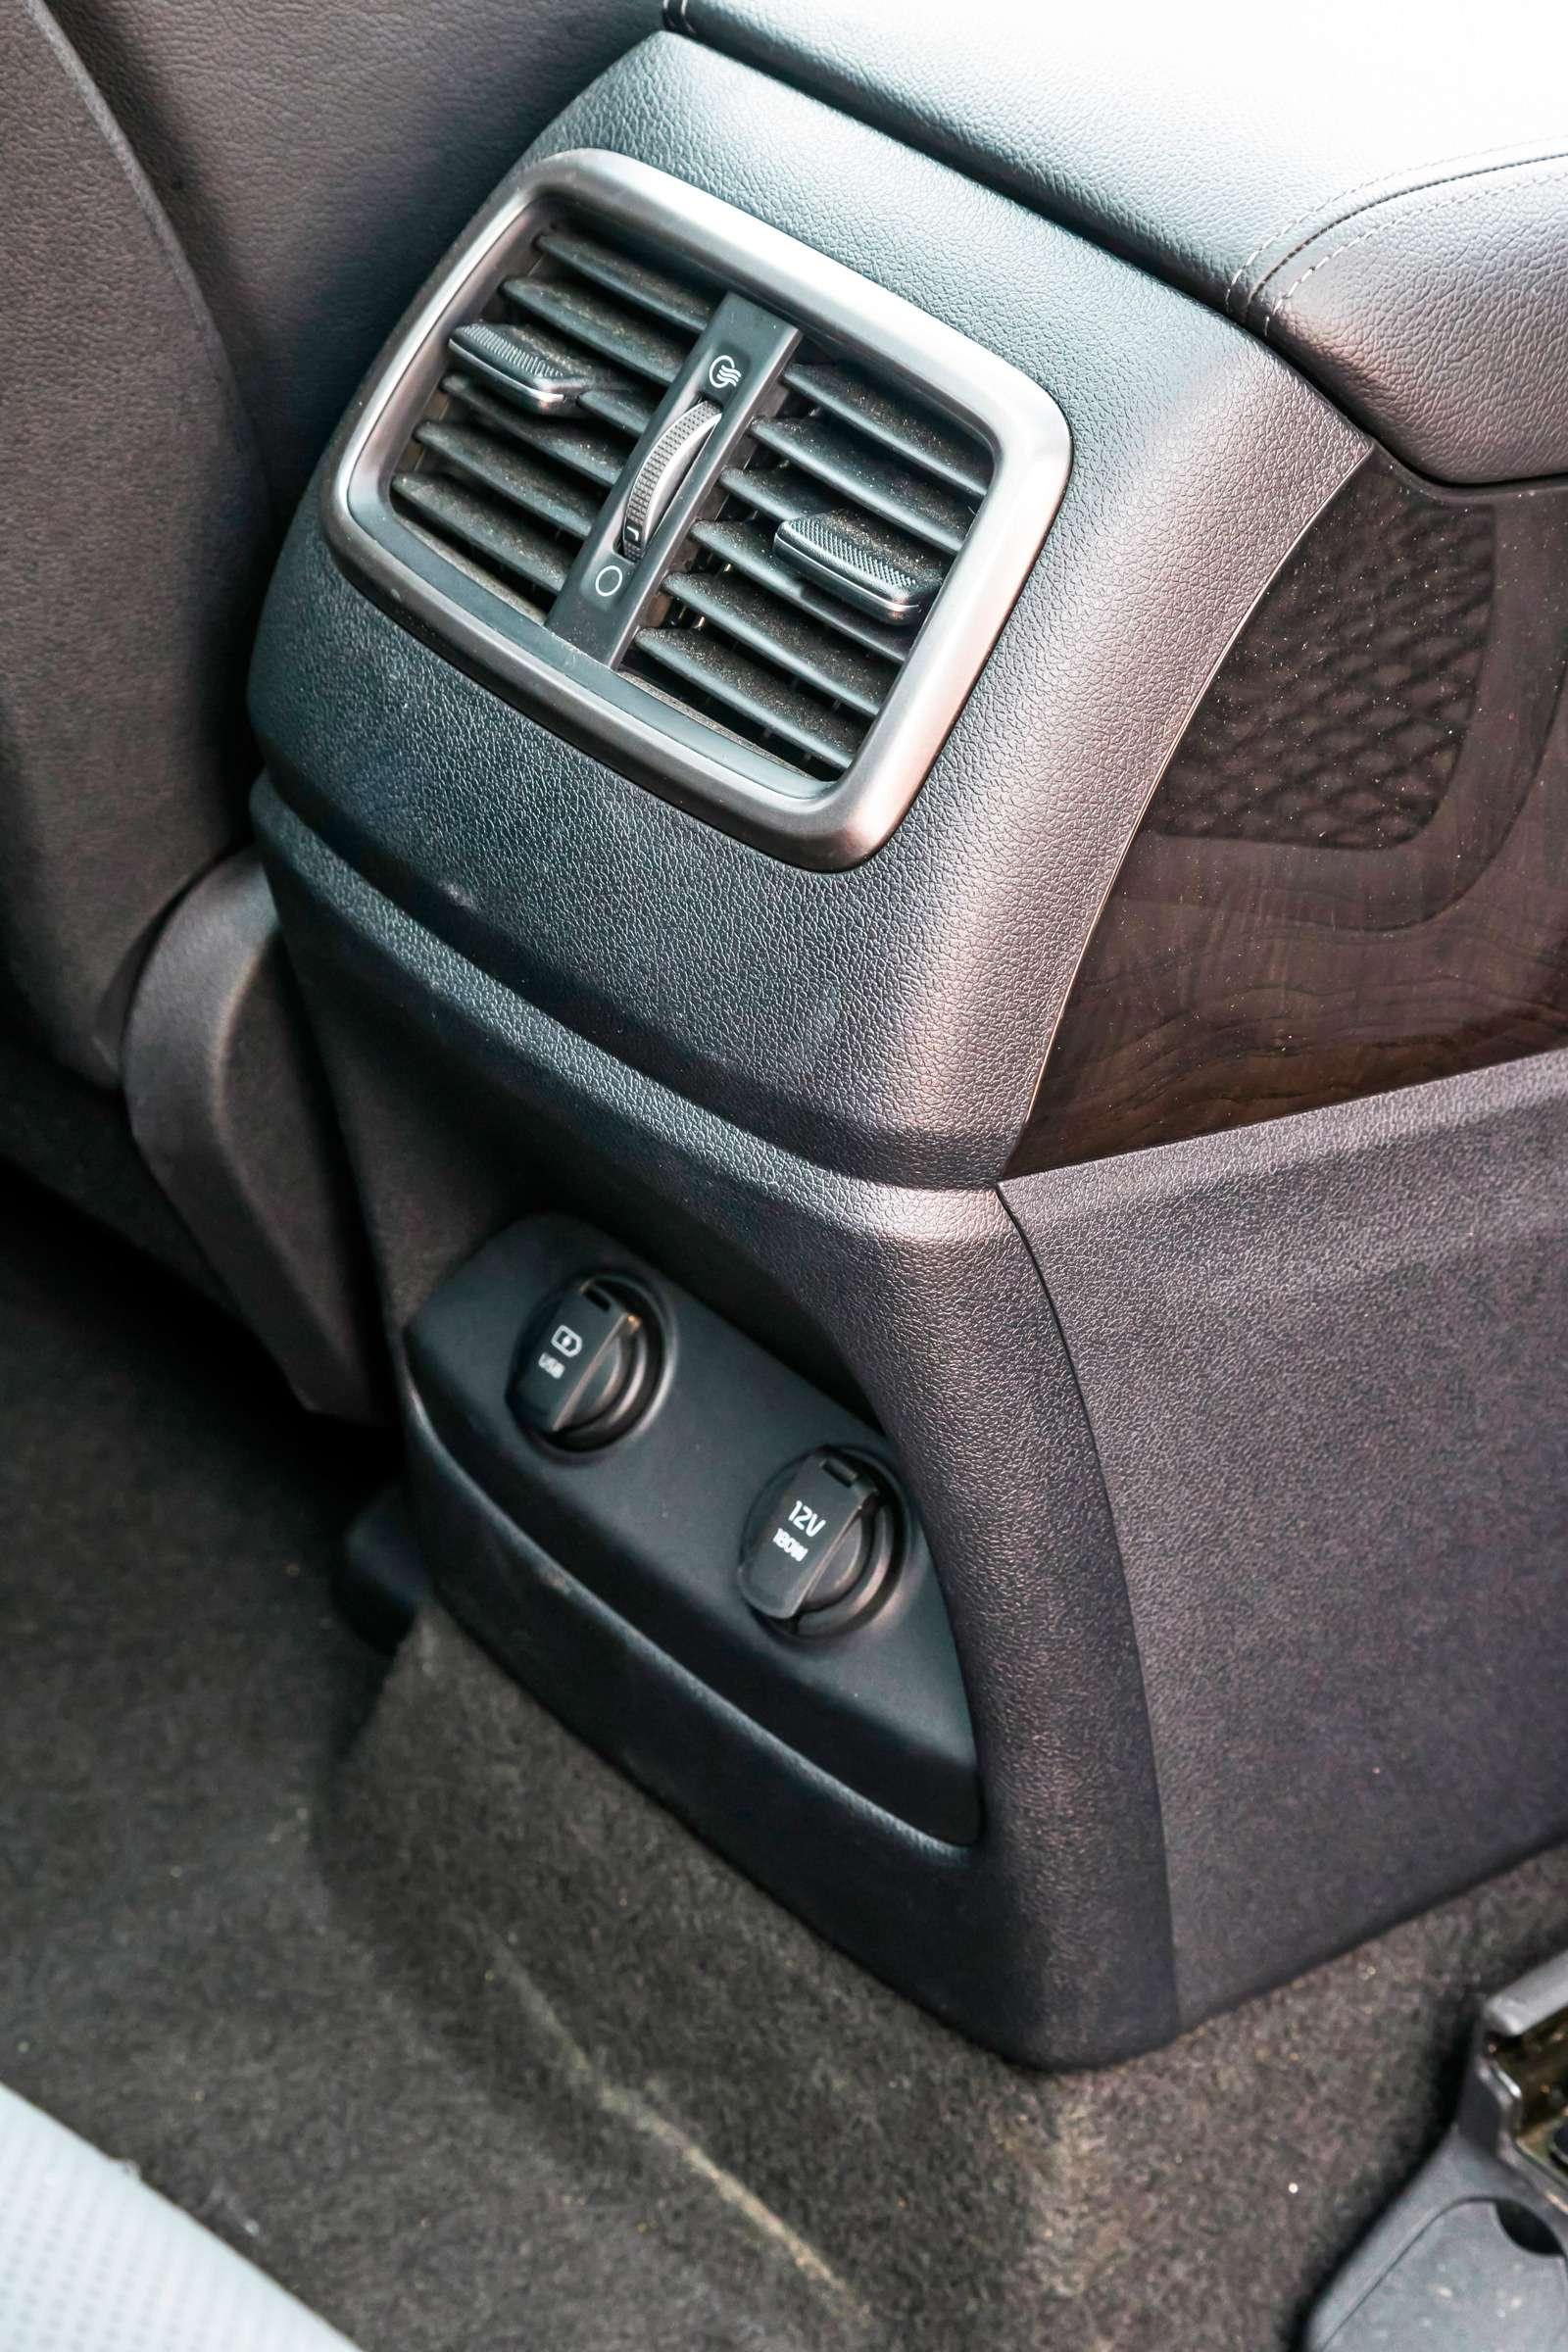 Тест полноразмерных кроссоверов: Honda Pilot, Kia Sorento Prime иFord Explorer— фото 614993